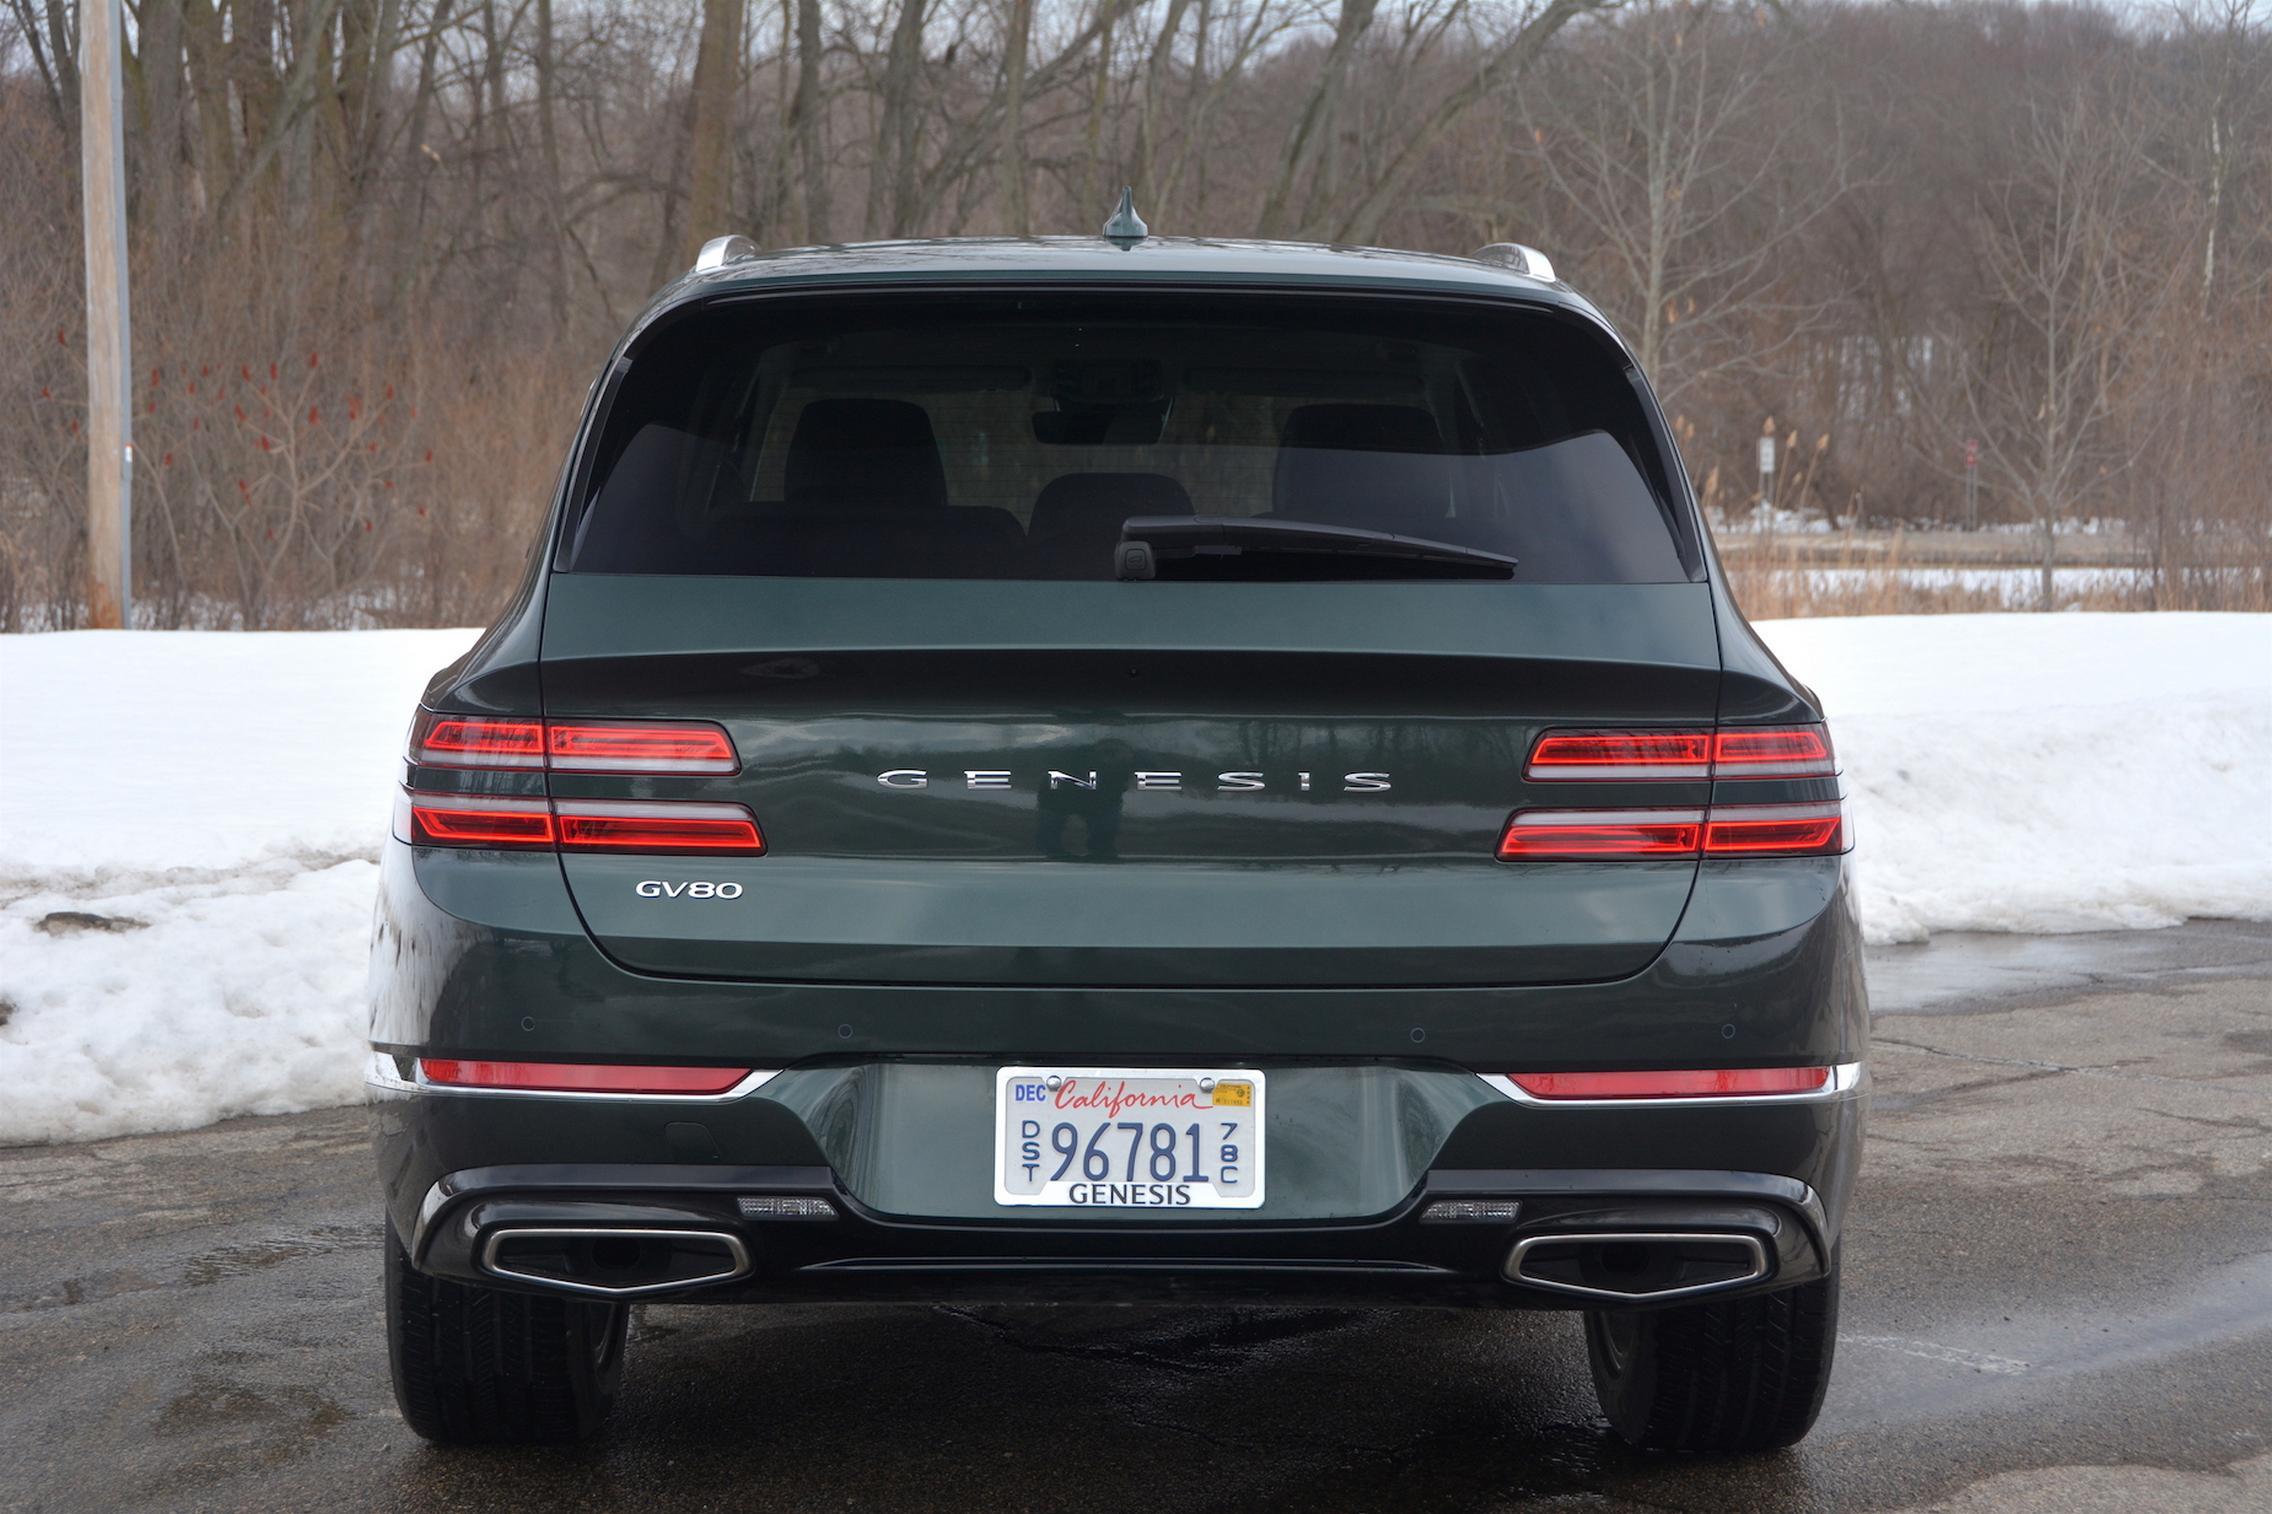 2021 Genesis GV80 rear lights